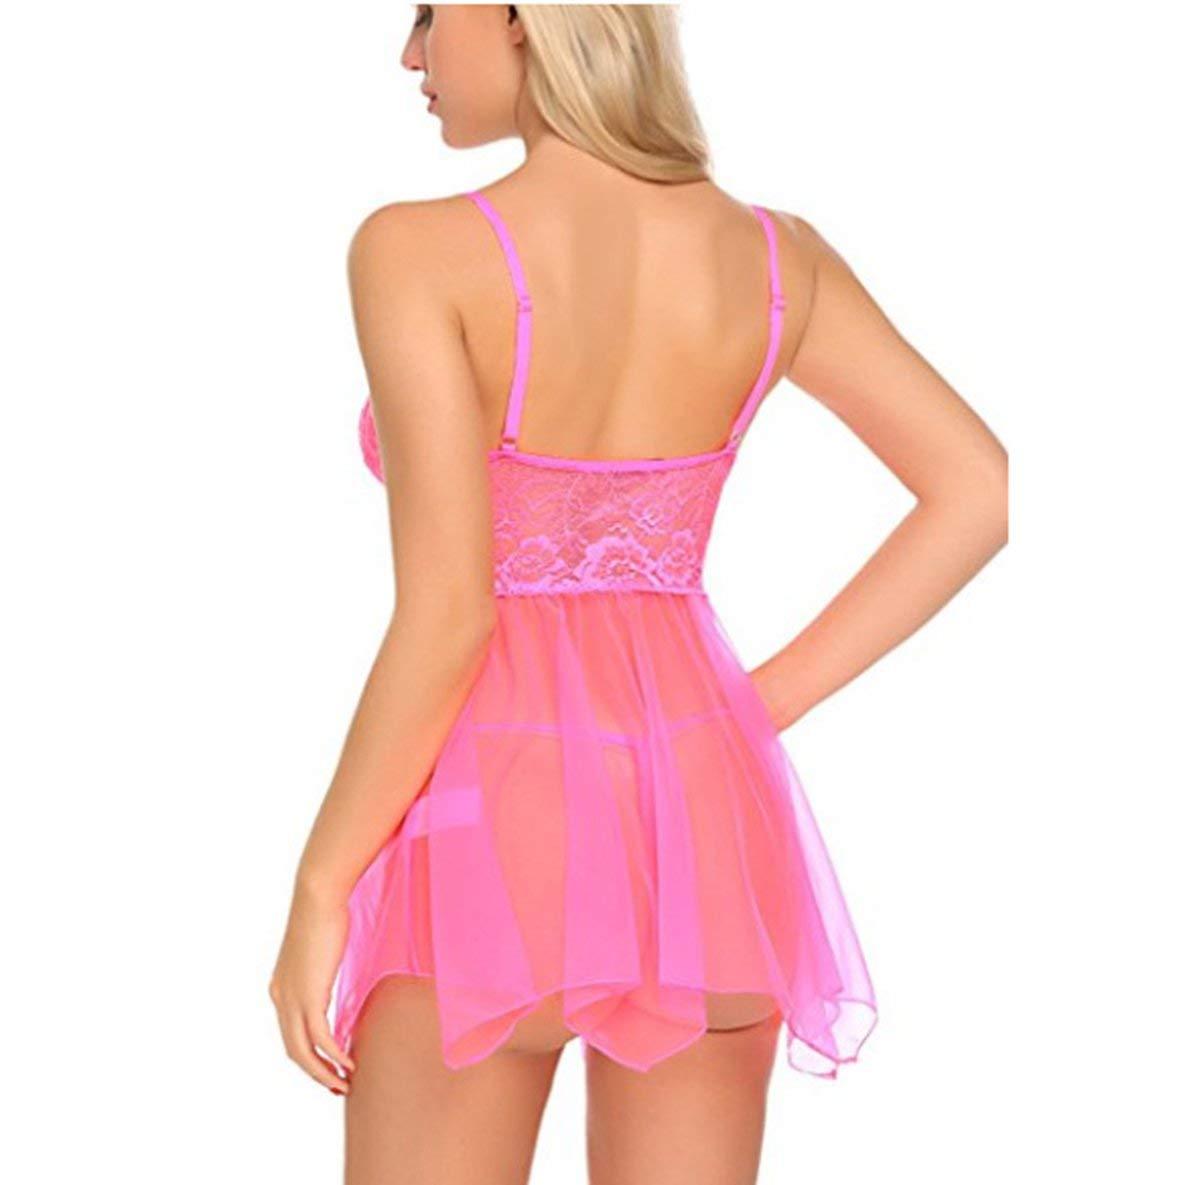 Noradtjcca Women Lingerie Suit Temptation Corselet Cosplay Costume ...